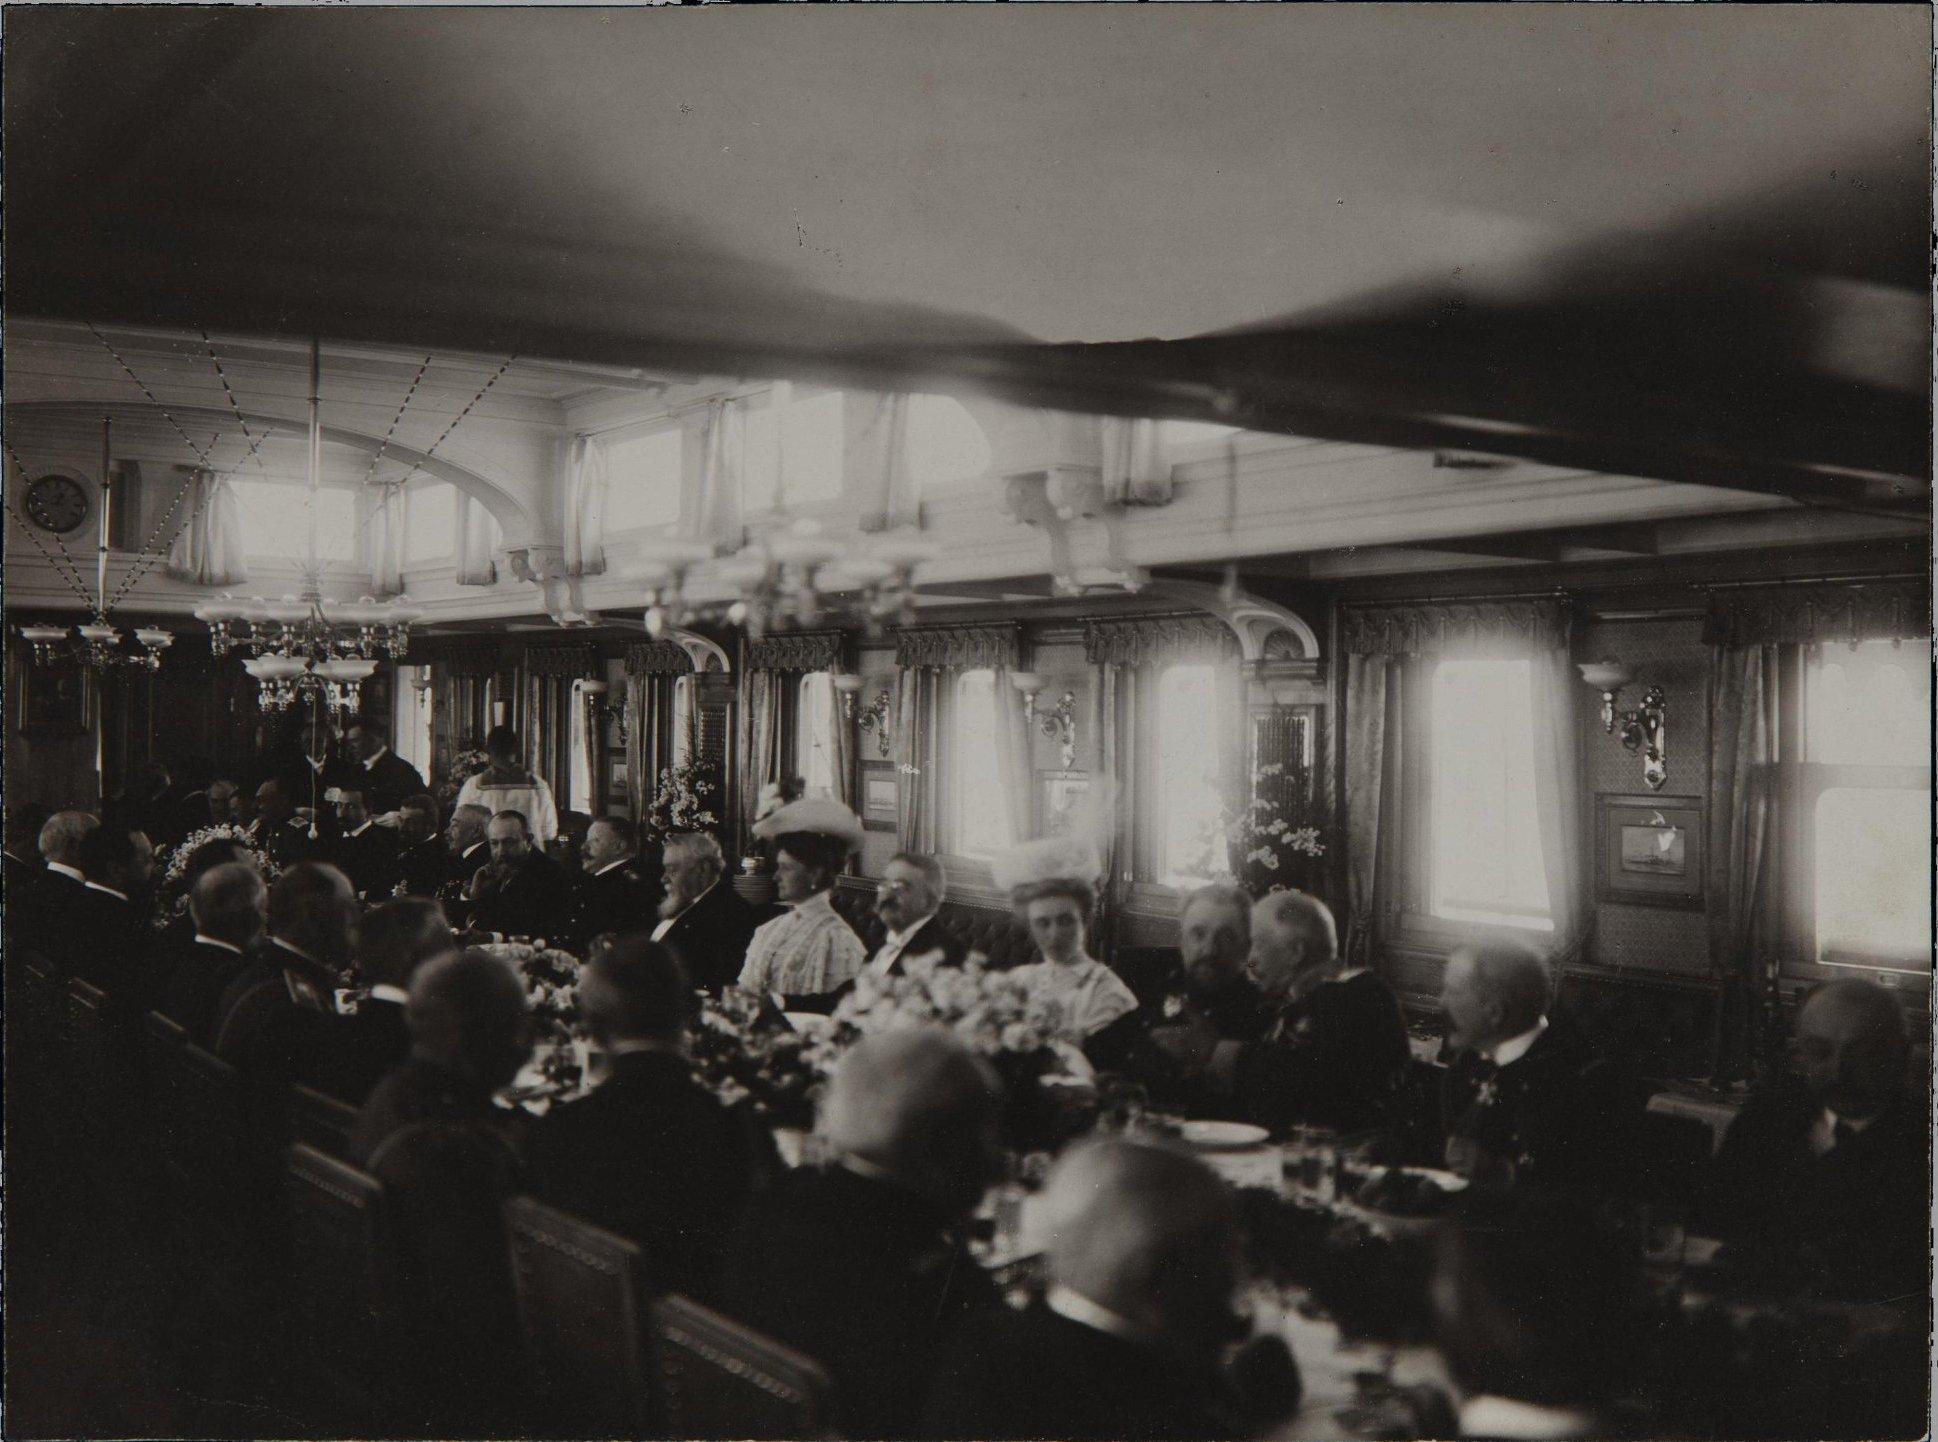 1908. Обед на яхте «Штандарт» по случаю приезда президента Франции Фальера Армана. Ревель.